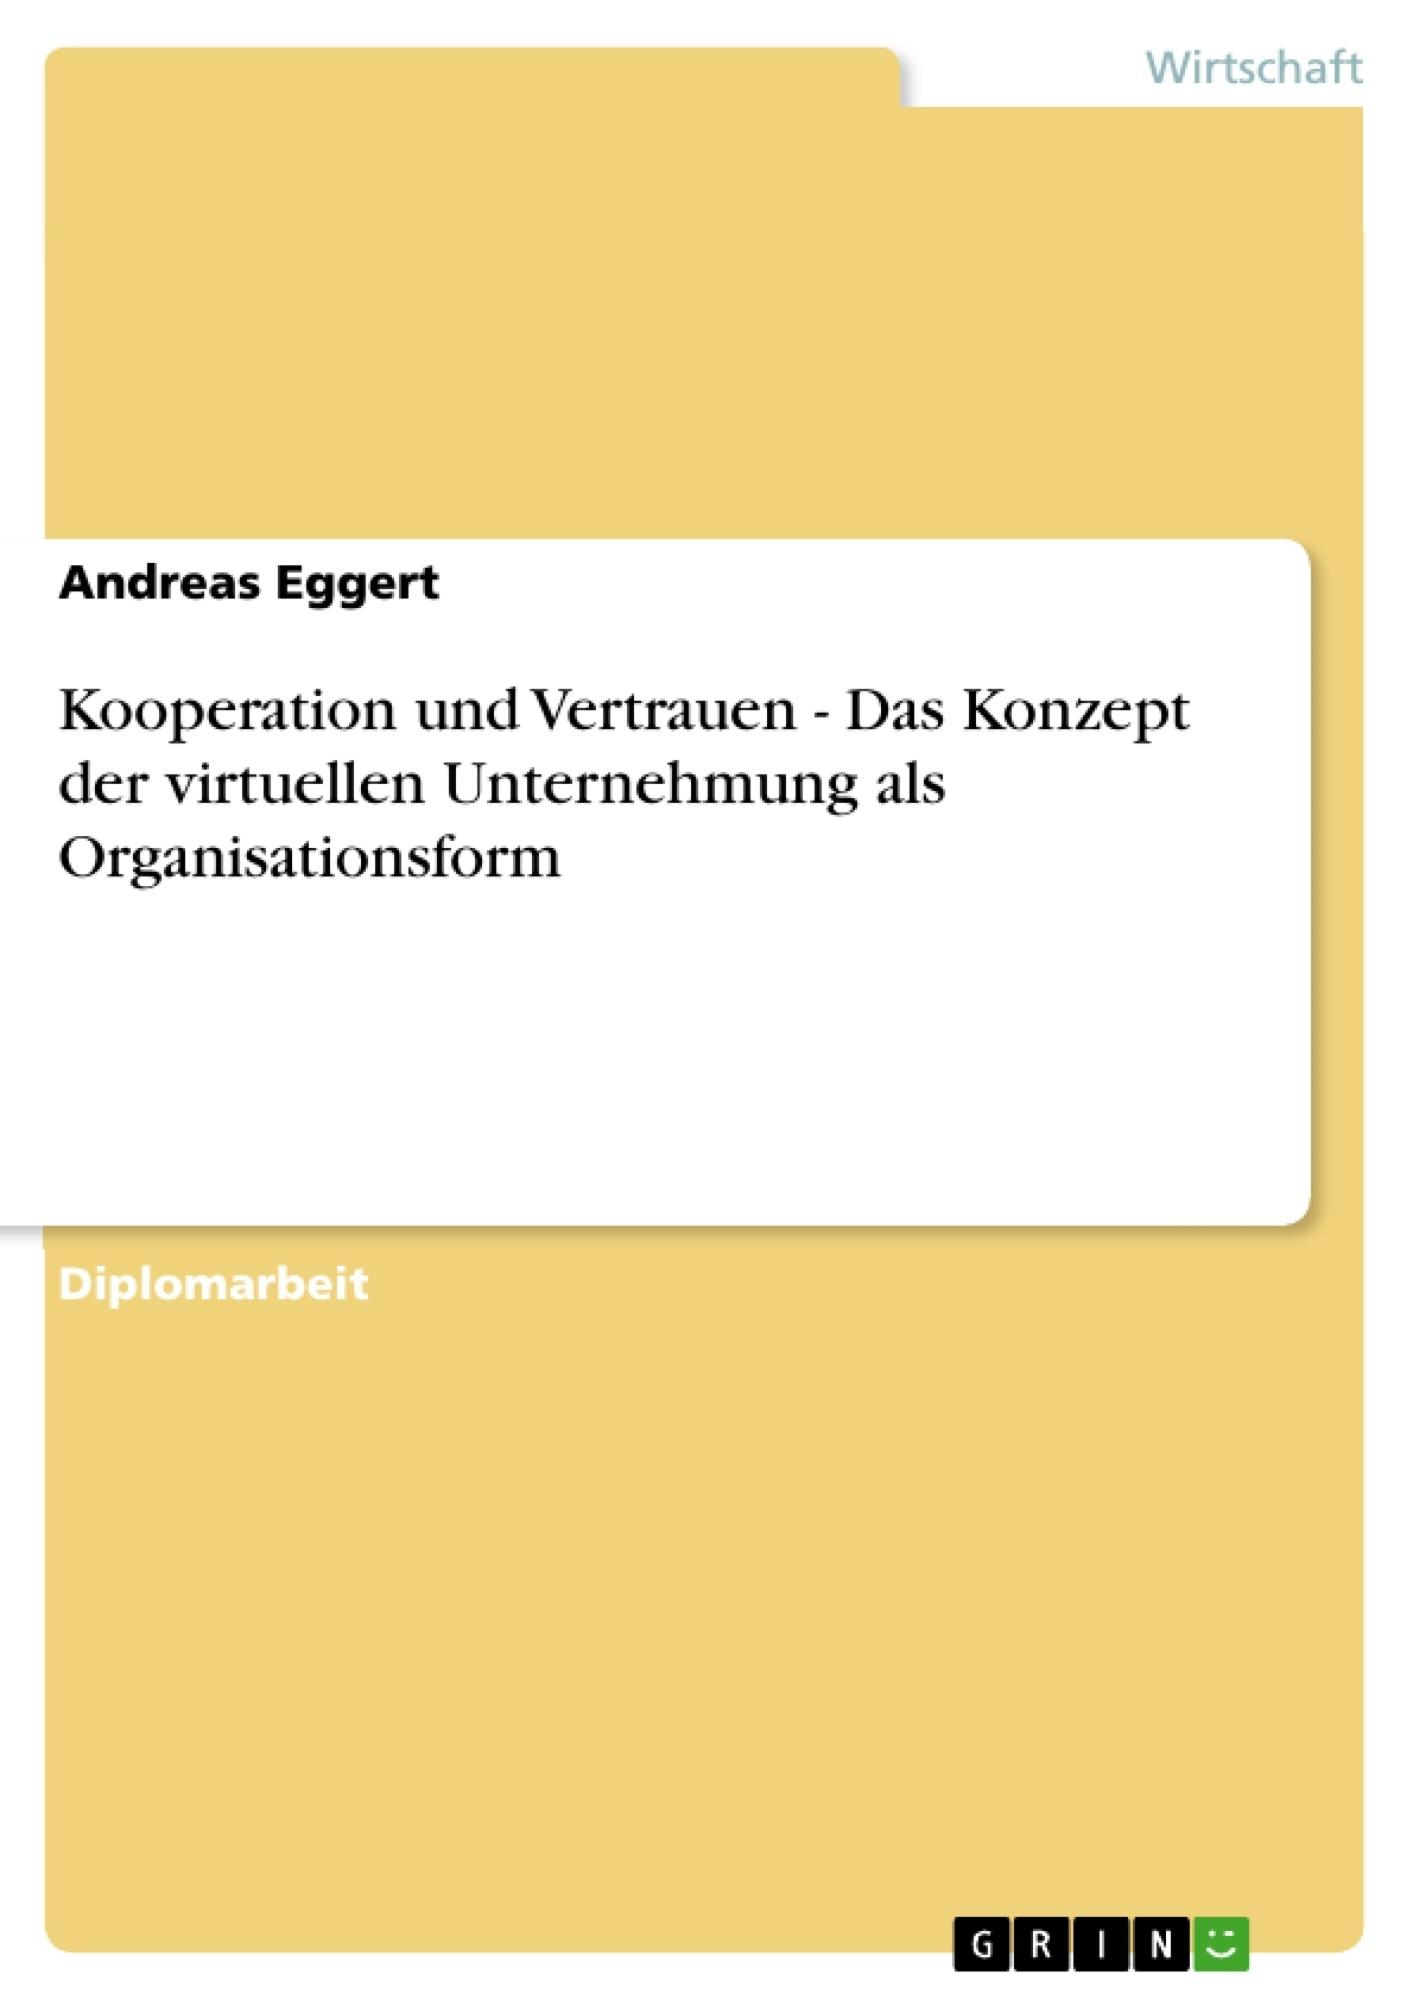 Titel: Kooperation und Vertrauen - Das Konzept der virtuellen Unternehmung als Organisationsform